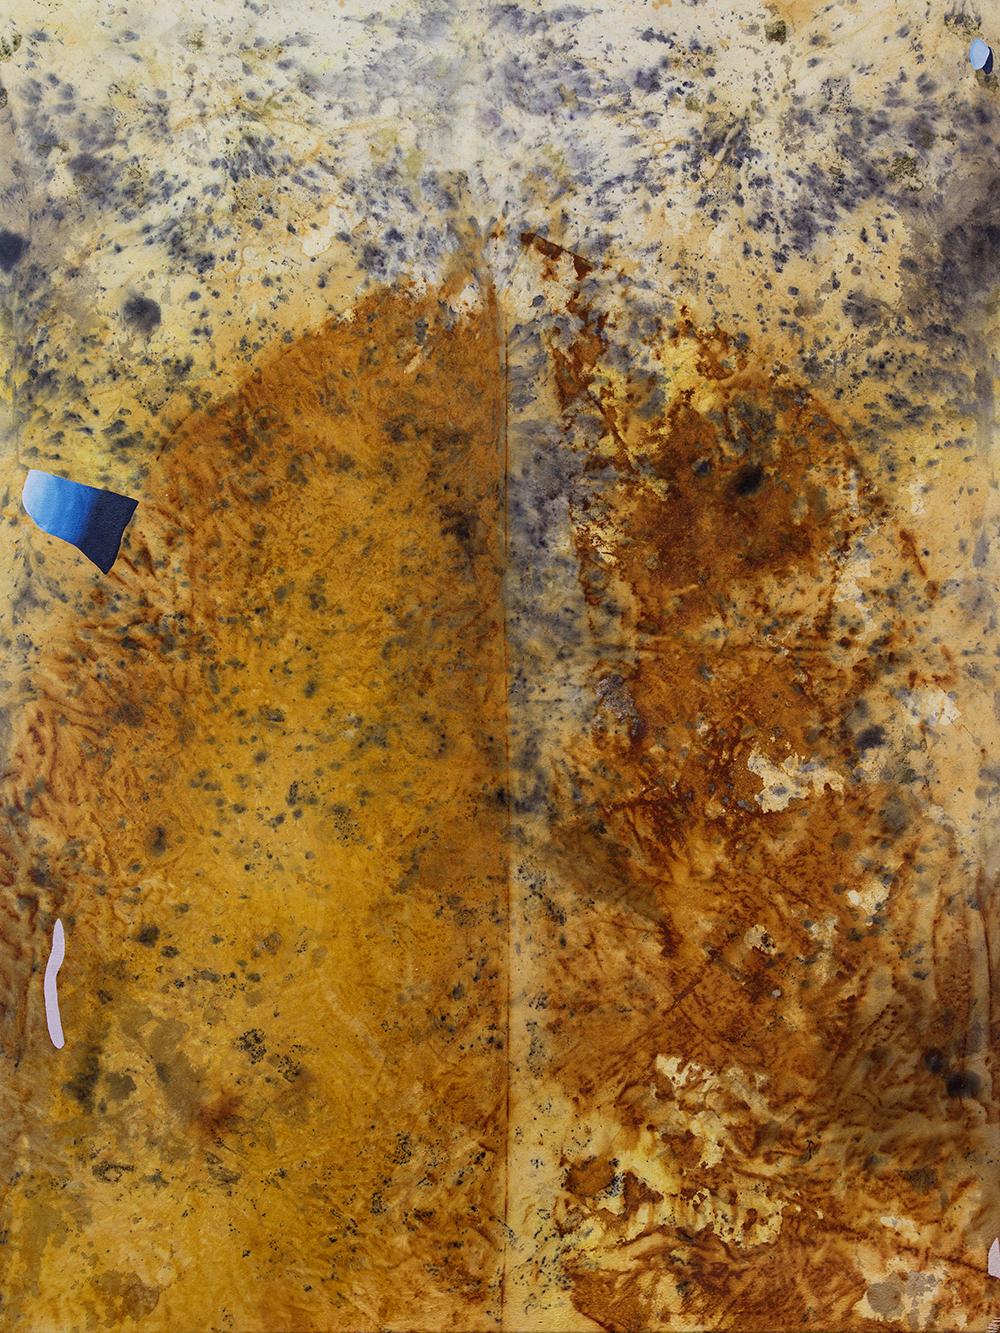 """Gillian King,  Grotto , 2019, médium à cire froide, fil de coton, huile, pigments bruts, sédiments de rouille et divers matériaux végétaux (peau d'oignon, rose, sumac et fleurs sauvages) sur toile, 48"""" x 36"""" (122 x91 cm)"""